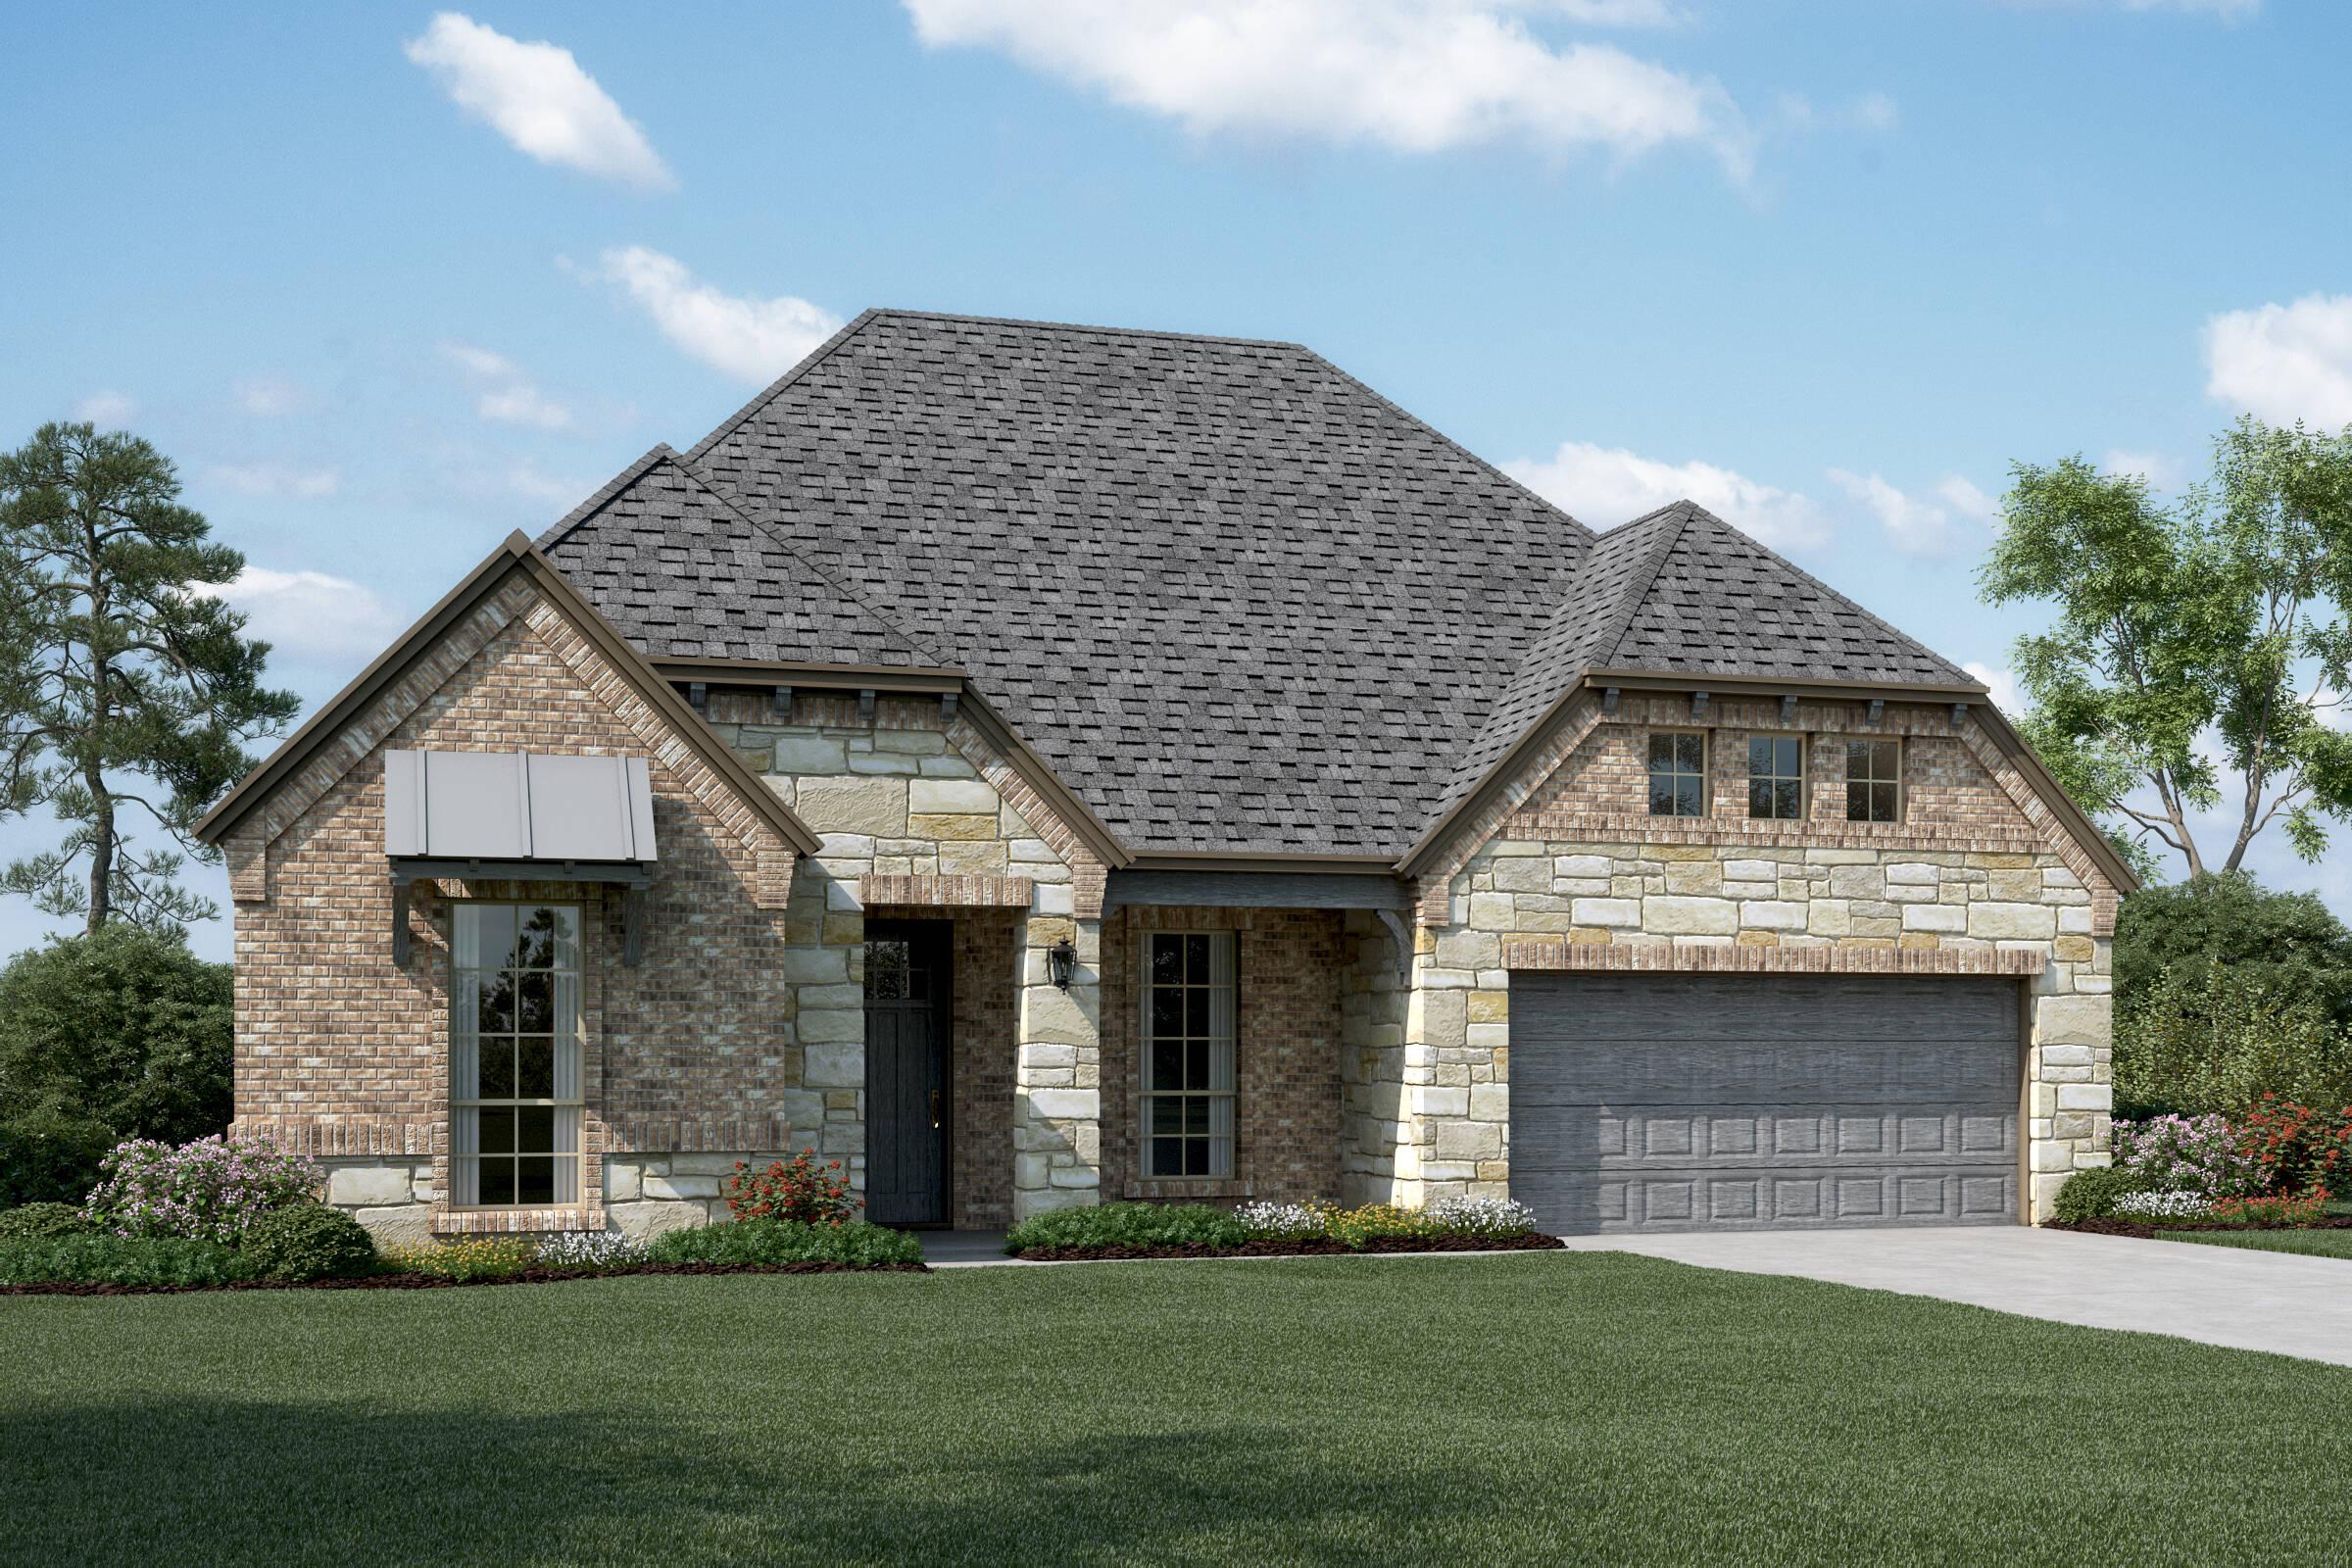 Cooperfield V E Stone new homes dallas tx